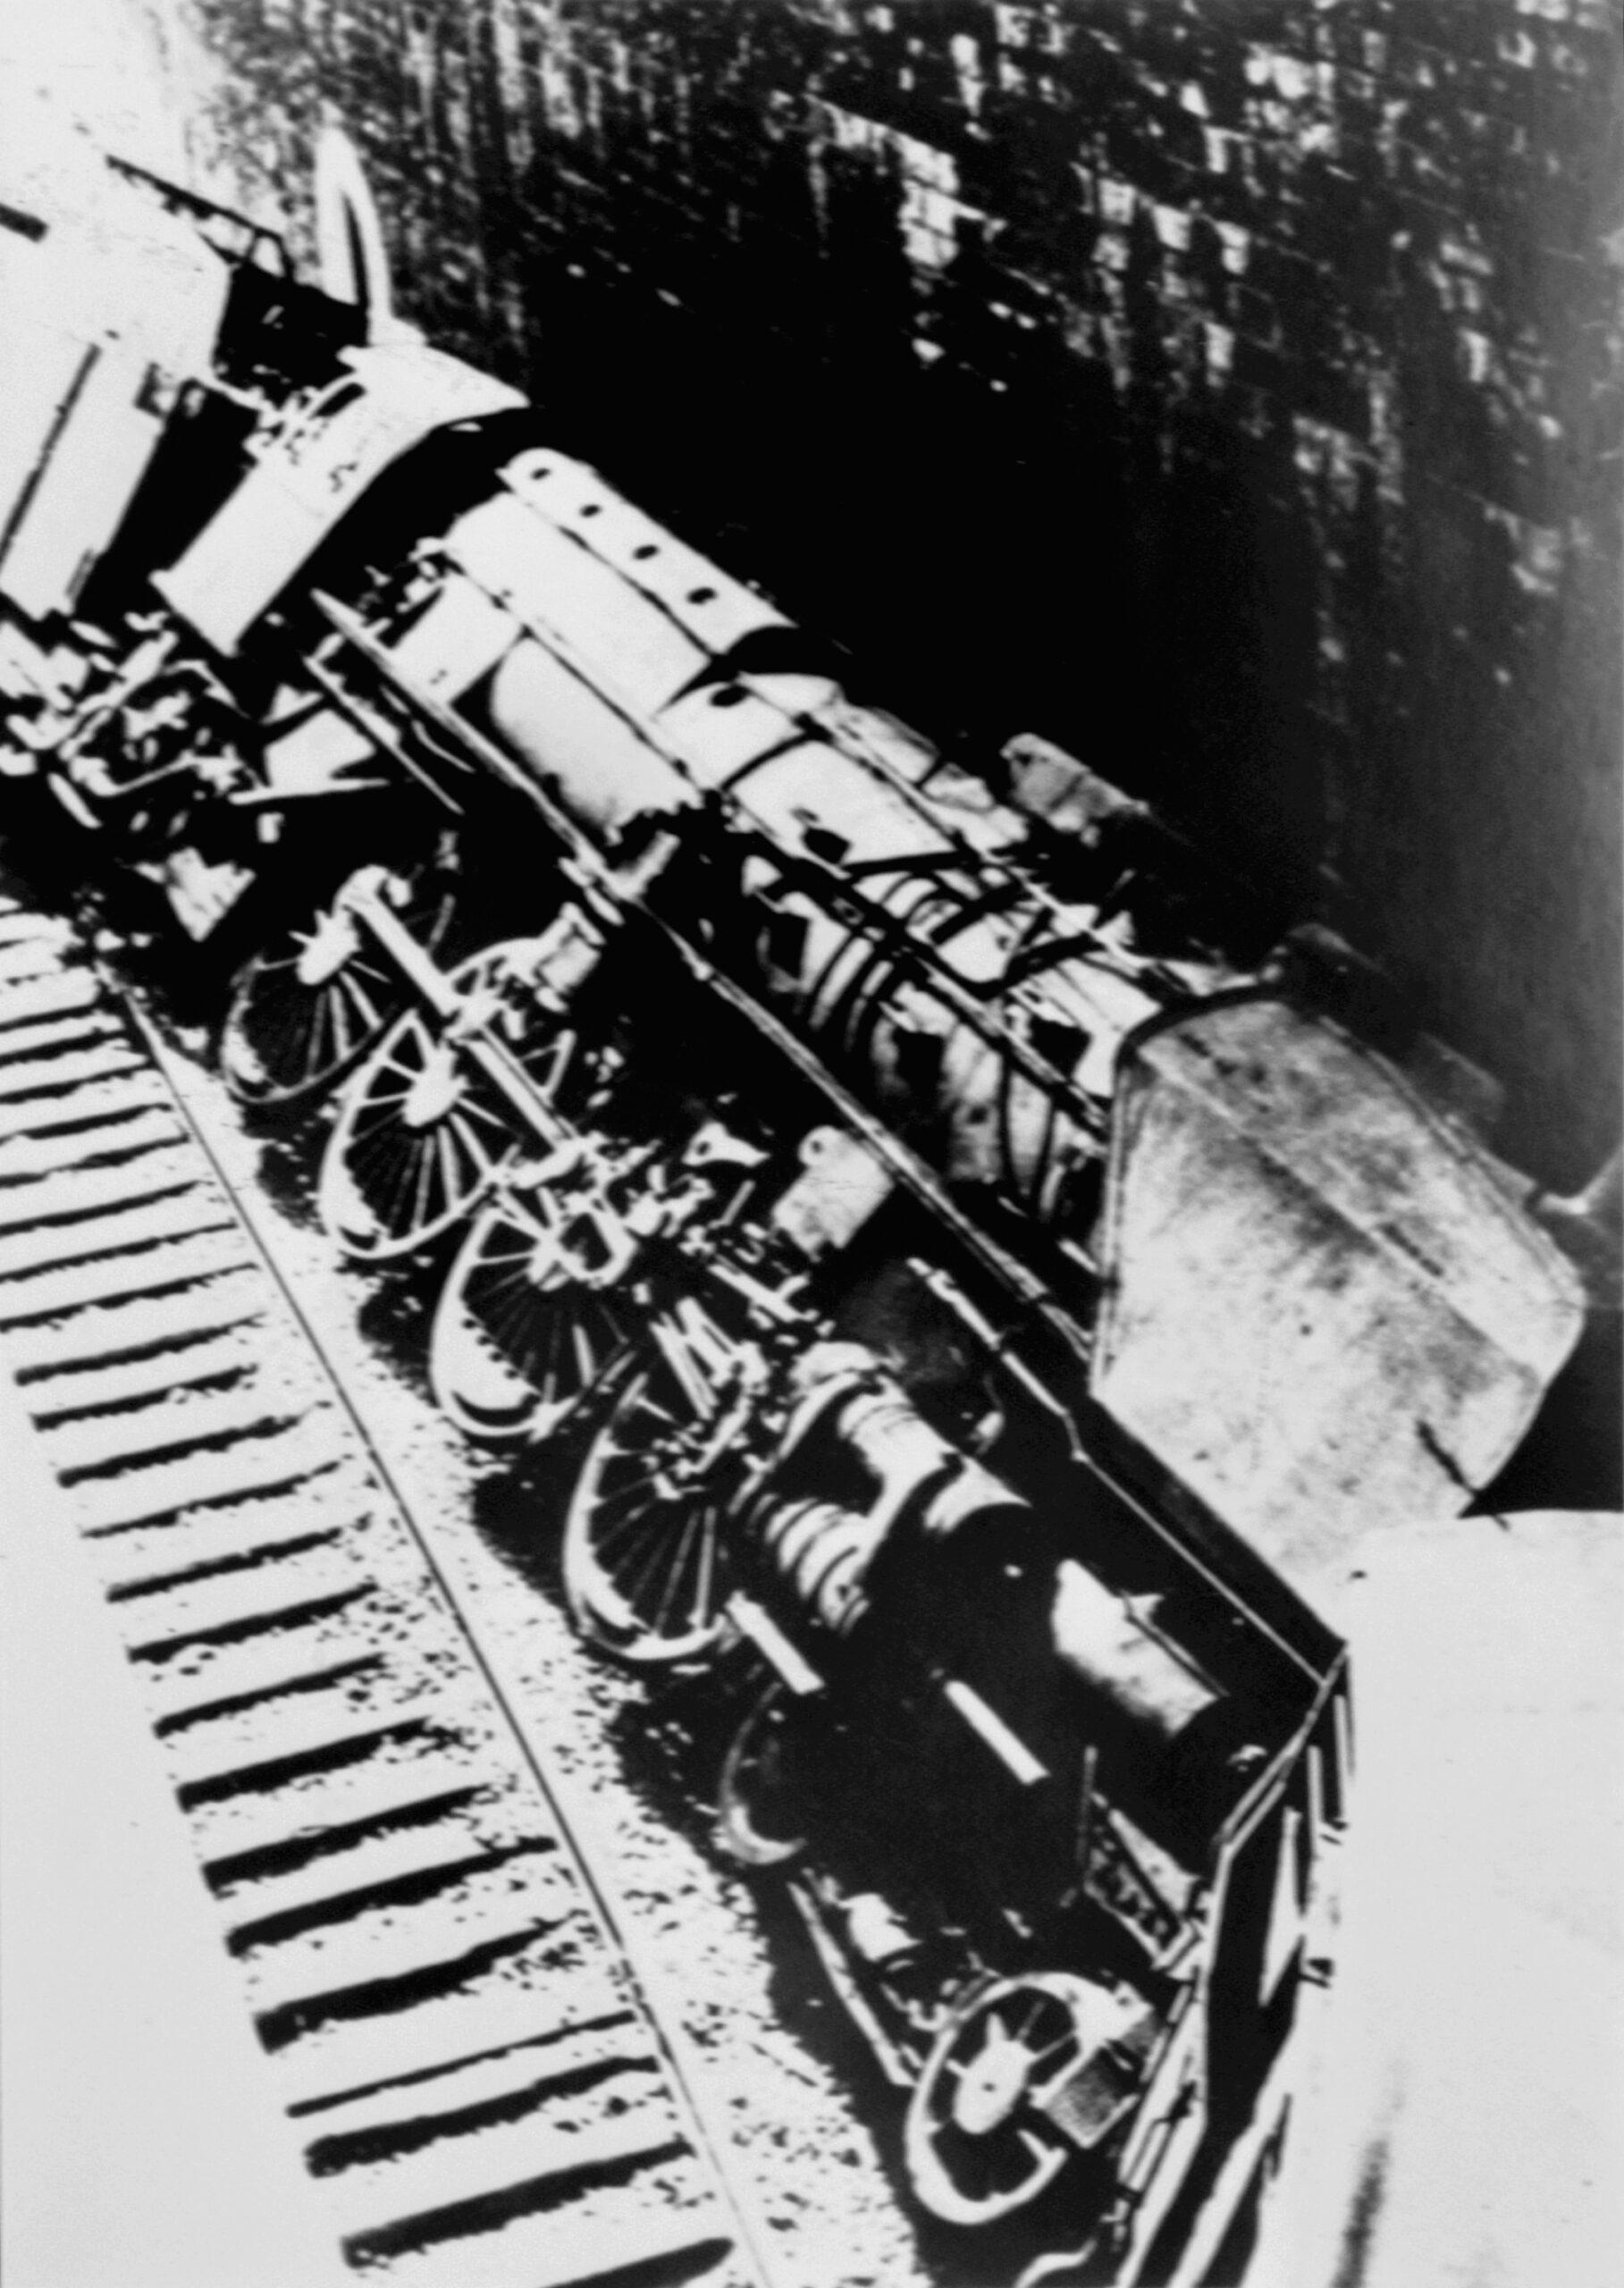 « Vie et travail au quotidien pendant la Deuxième Guerre mondiale: mémoire et récits de cheminots » (archives)